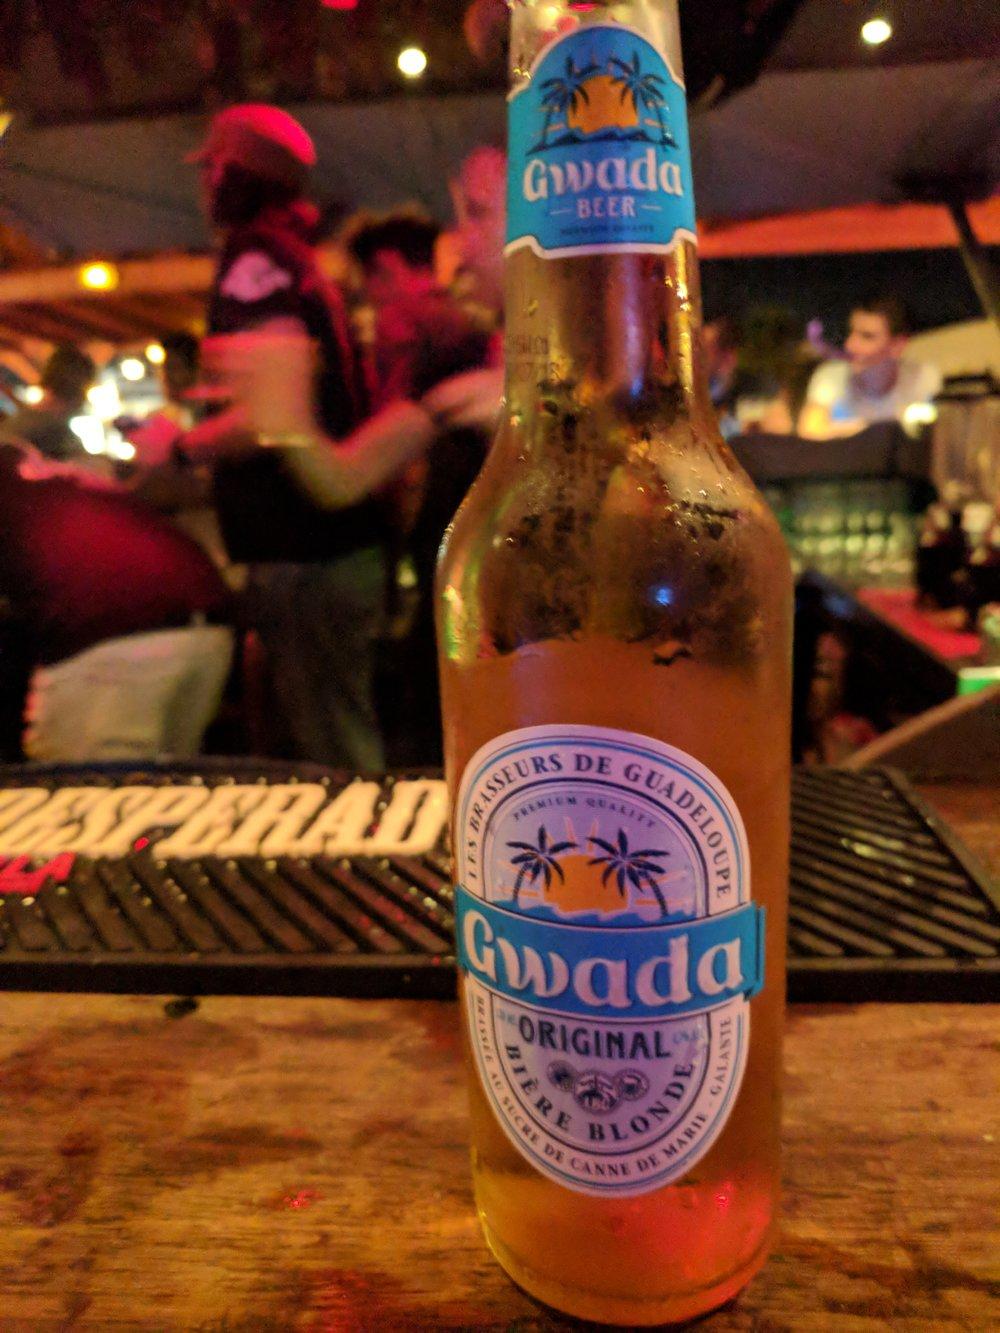 Gwada Beer